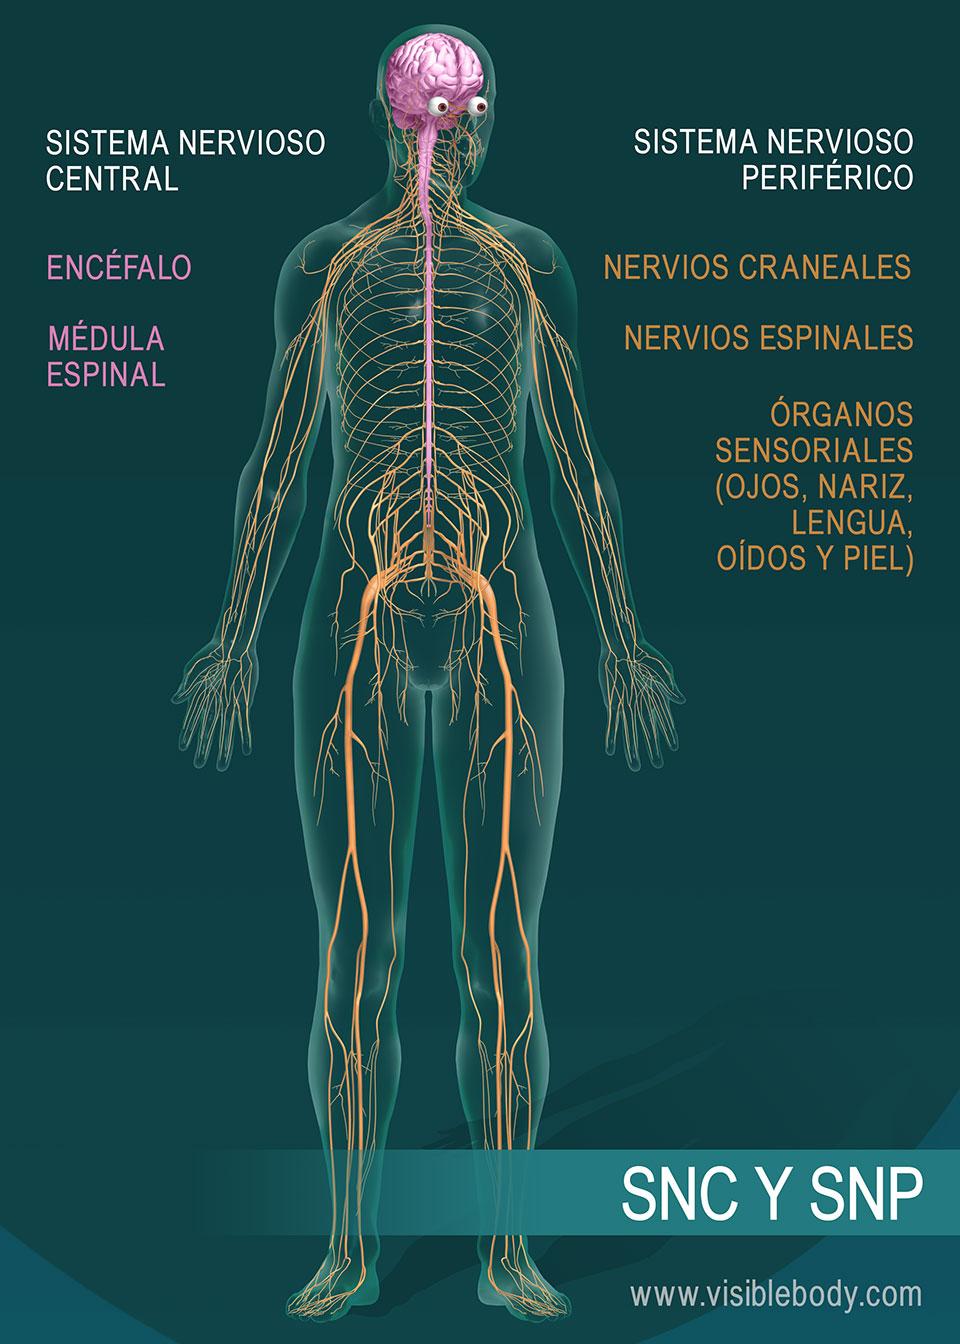 El encéfalo y la médula espinal forman el sistema nervioso central (SNC). Los nervios craneales, los nervios espinales y los órganos sensoriales forman el sistema nervioso periférico (SNP).